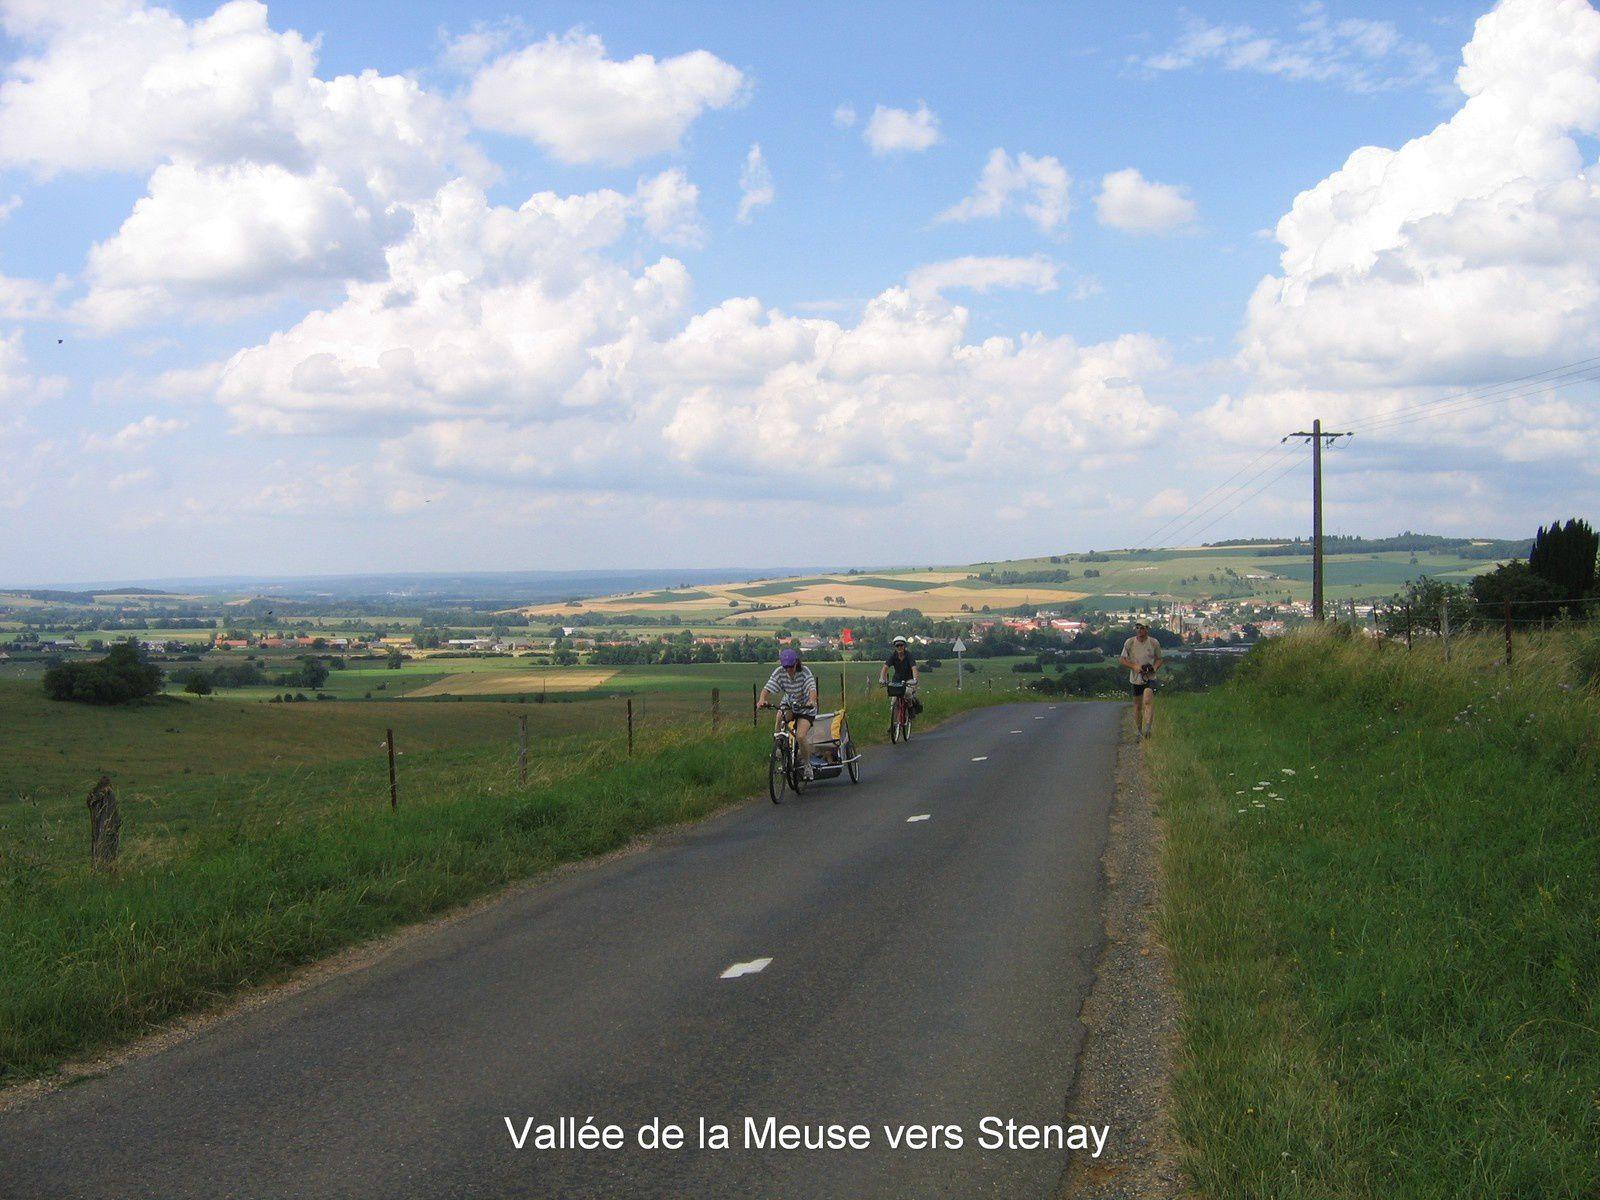 Veloroute de la Vallée de la Meuse